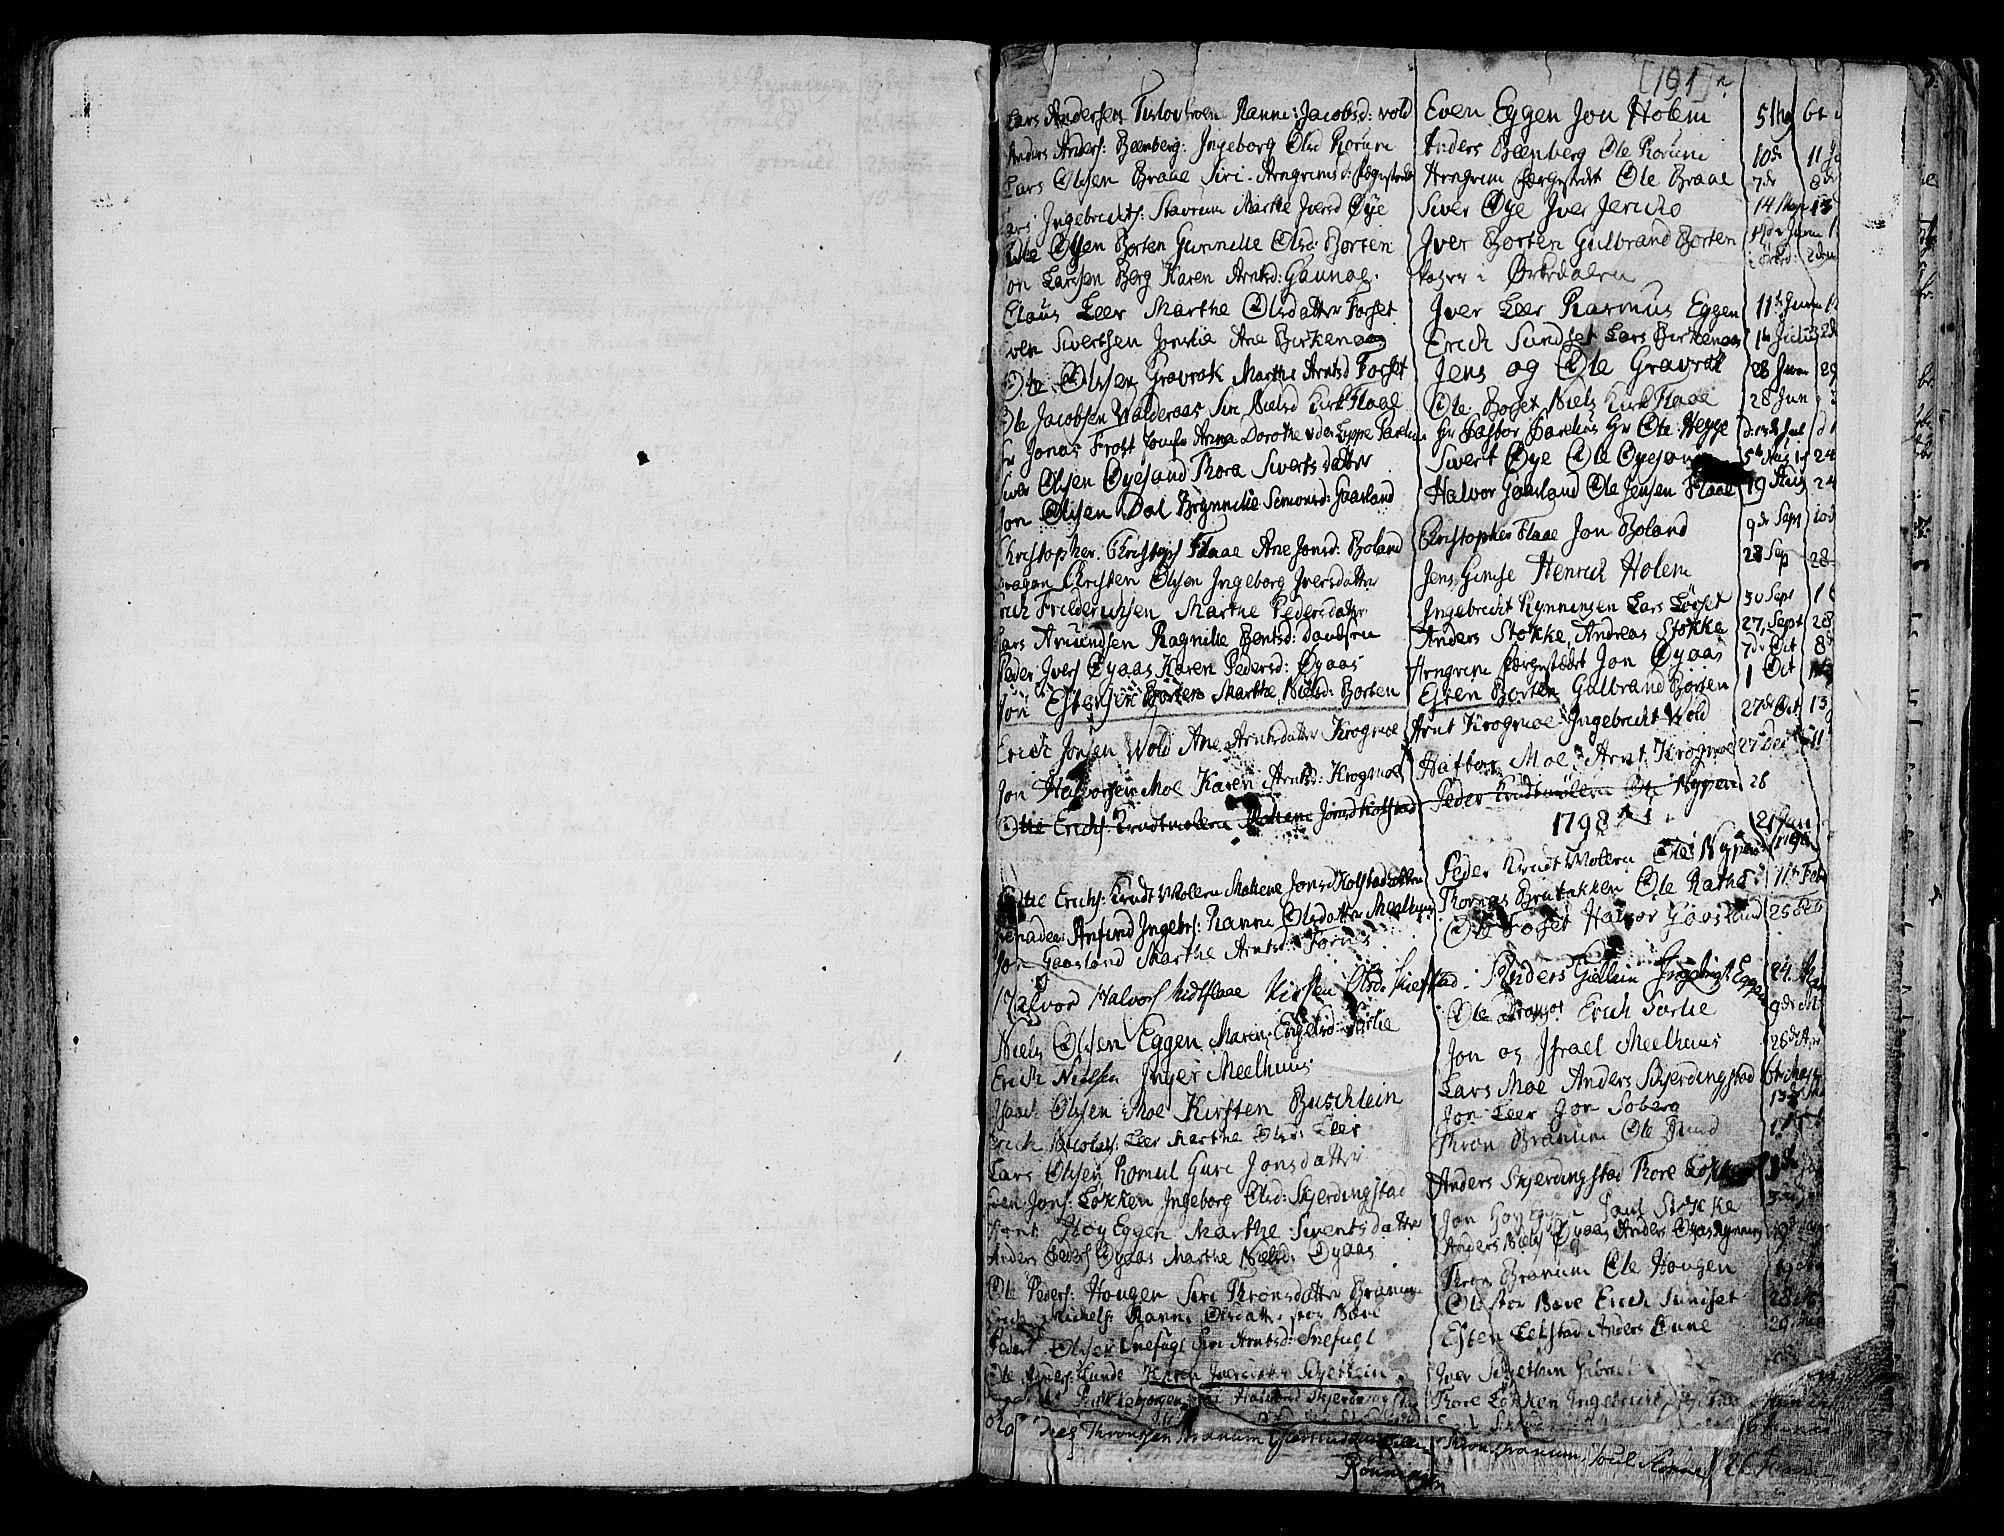 SAT, Ministerialprotokoller, klokkerbøker og fødselsregistre - Sør-Trøndelag, 691/L1061: Ministerialbok nr. 691A02 /1, 1768-1815, s. 191